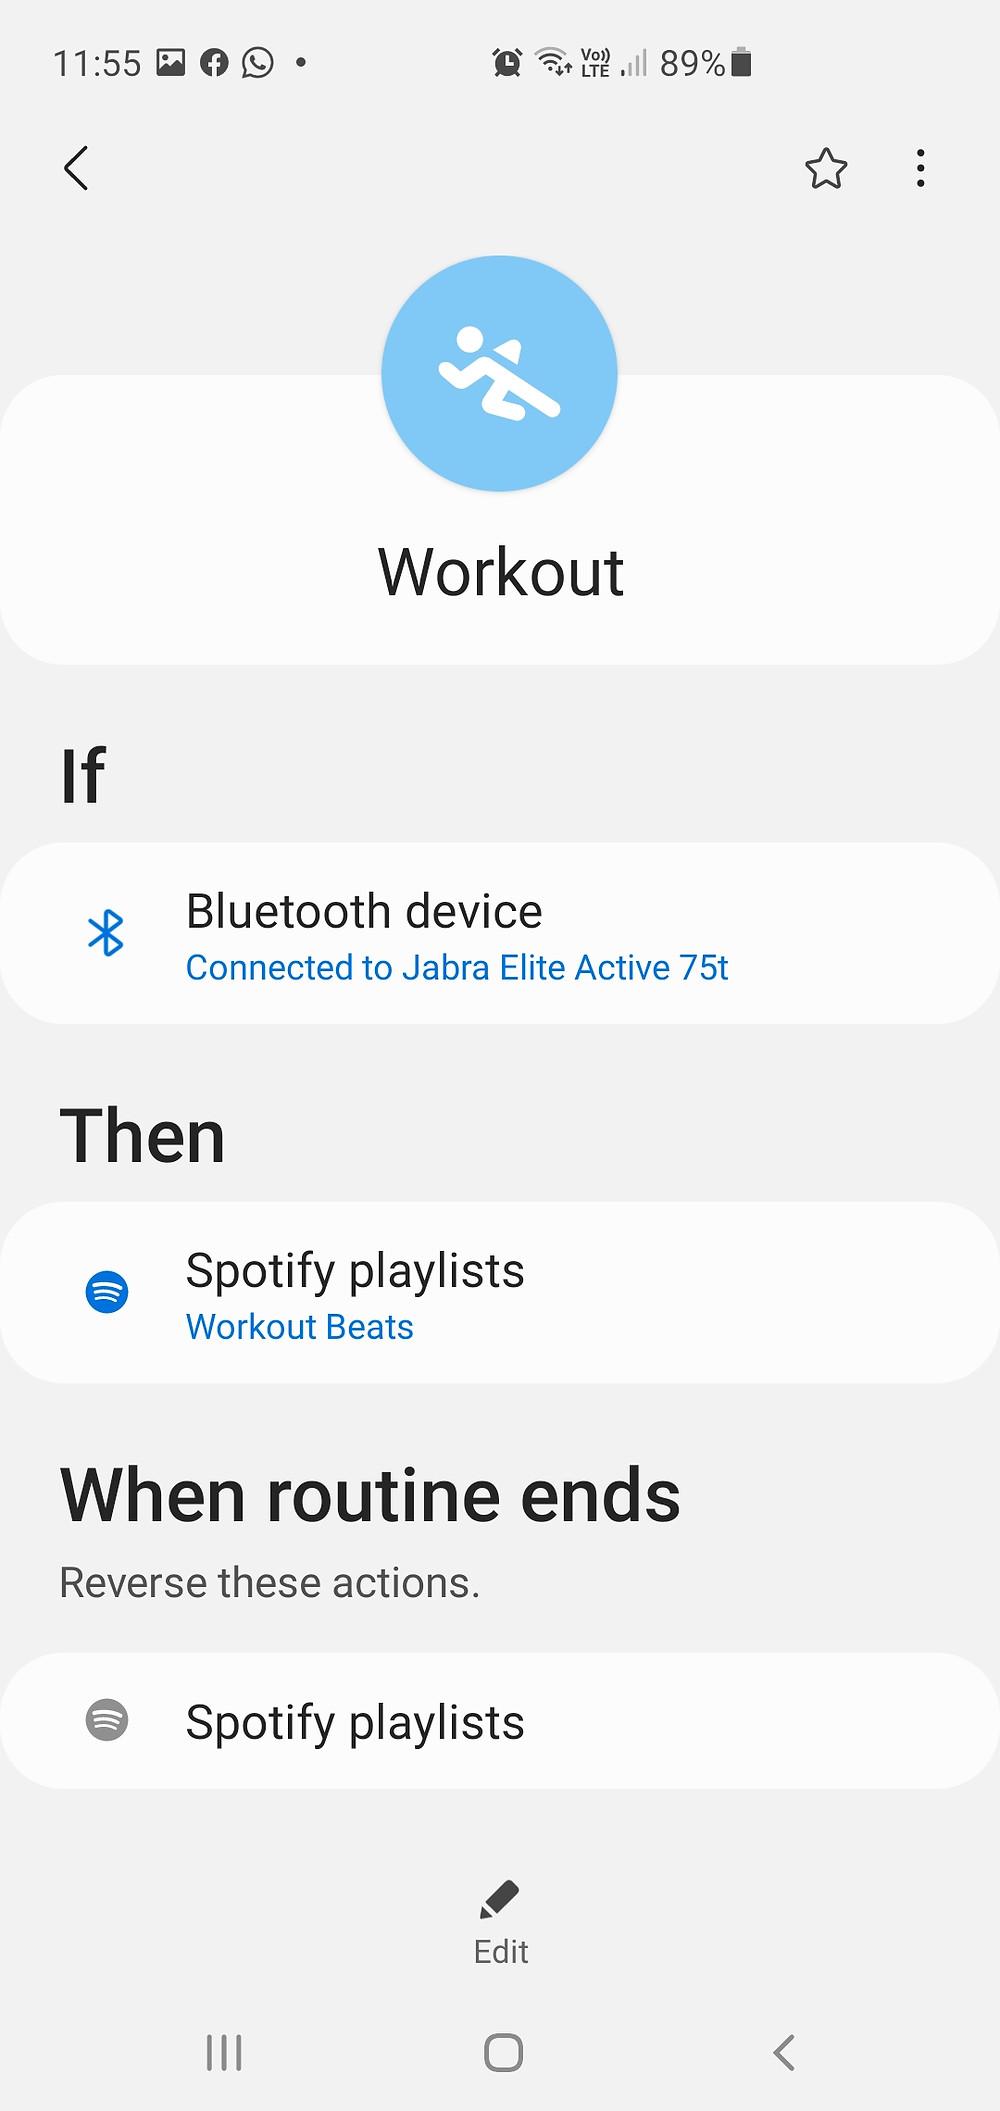 Spotify workout routine bixby